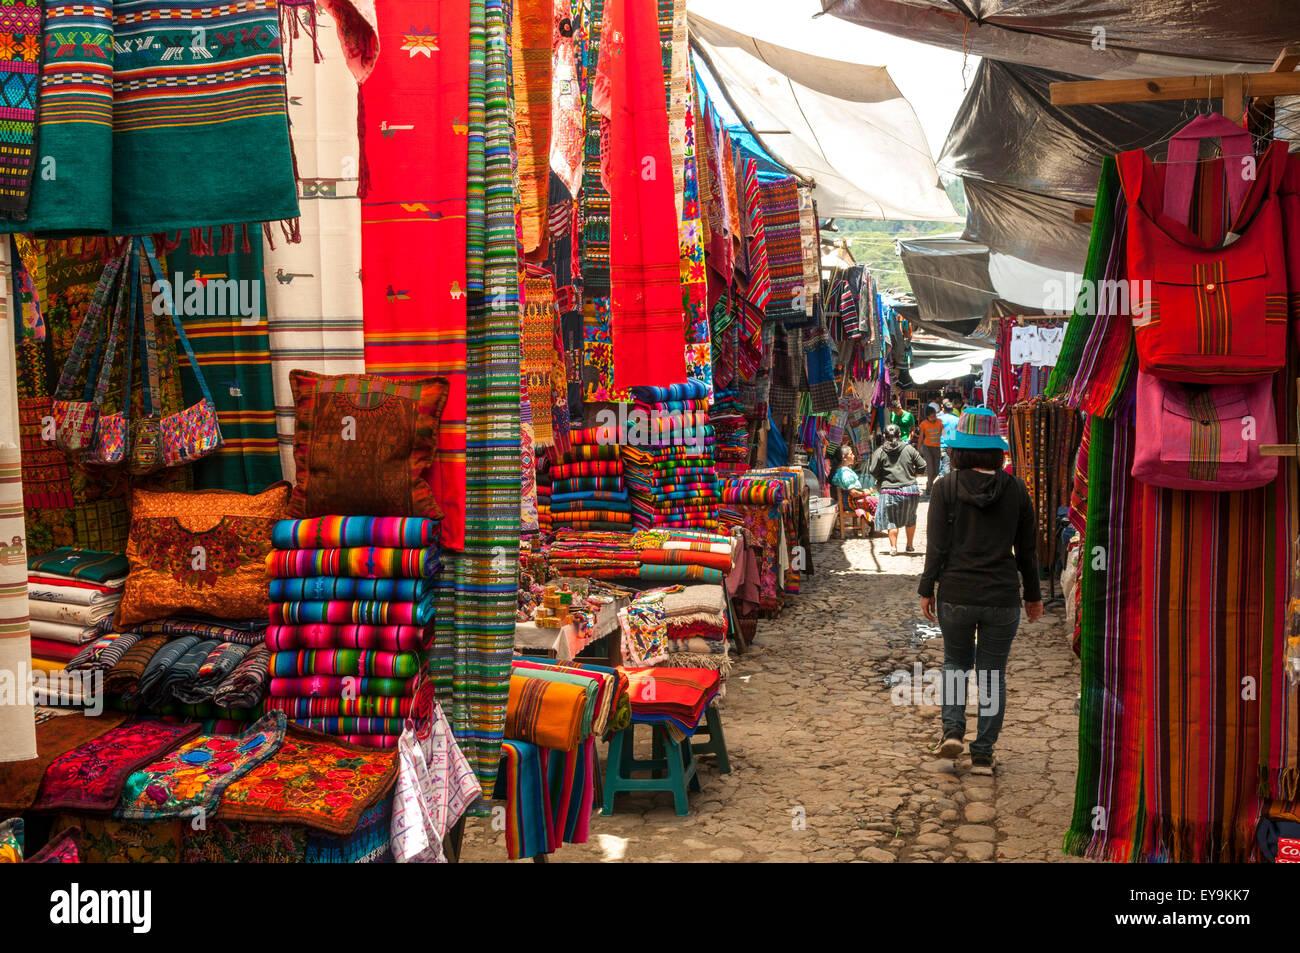 Sunday Market, Chichicastenango, Guatemala - Stock Image